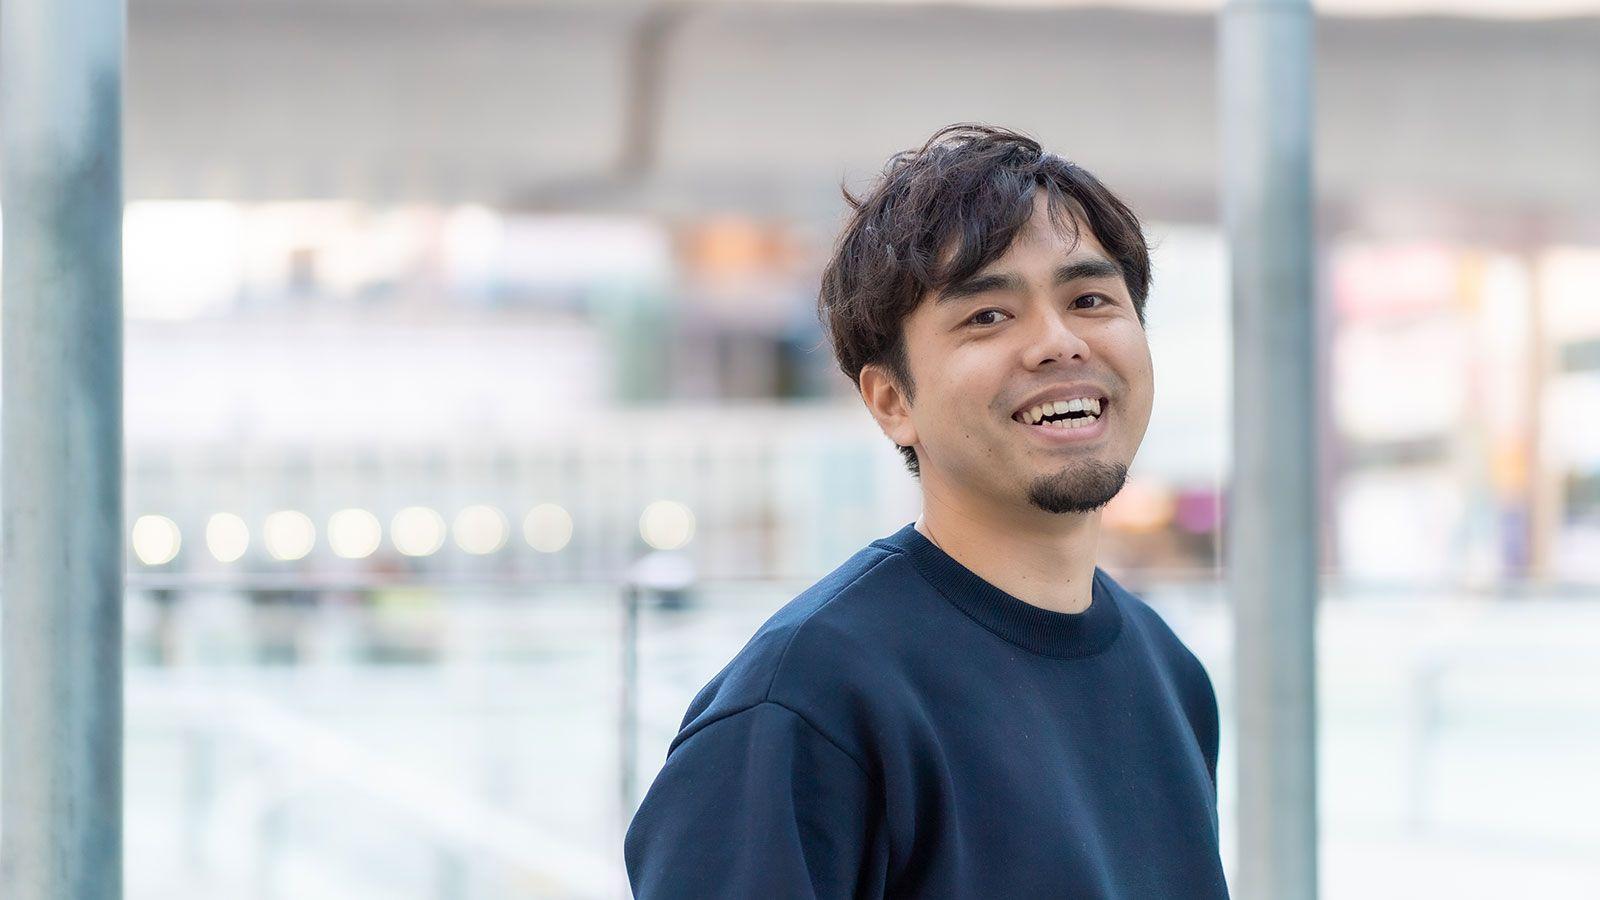 タフな仕事を楽しくのりこえる!コーチングサービス『mento』木村憲仁流 ココロの健康法